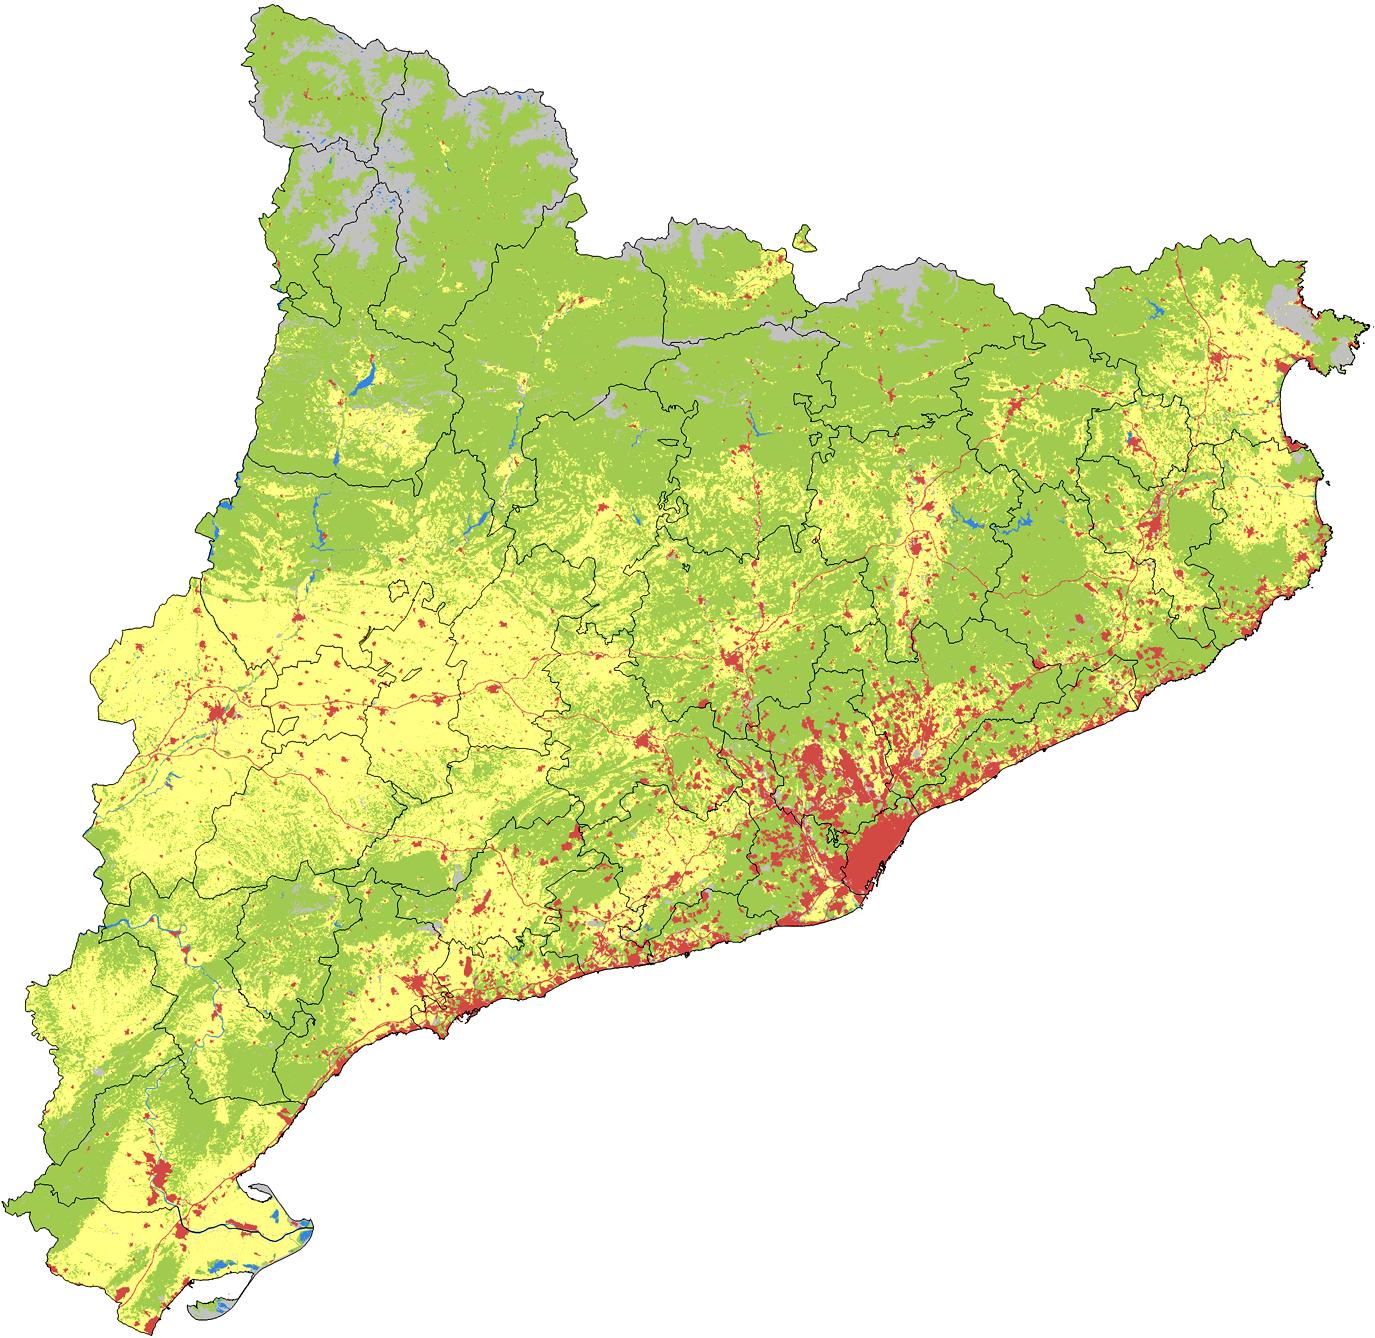 Usos del suelo de Cataluña